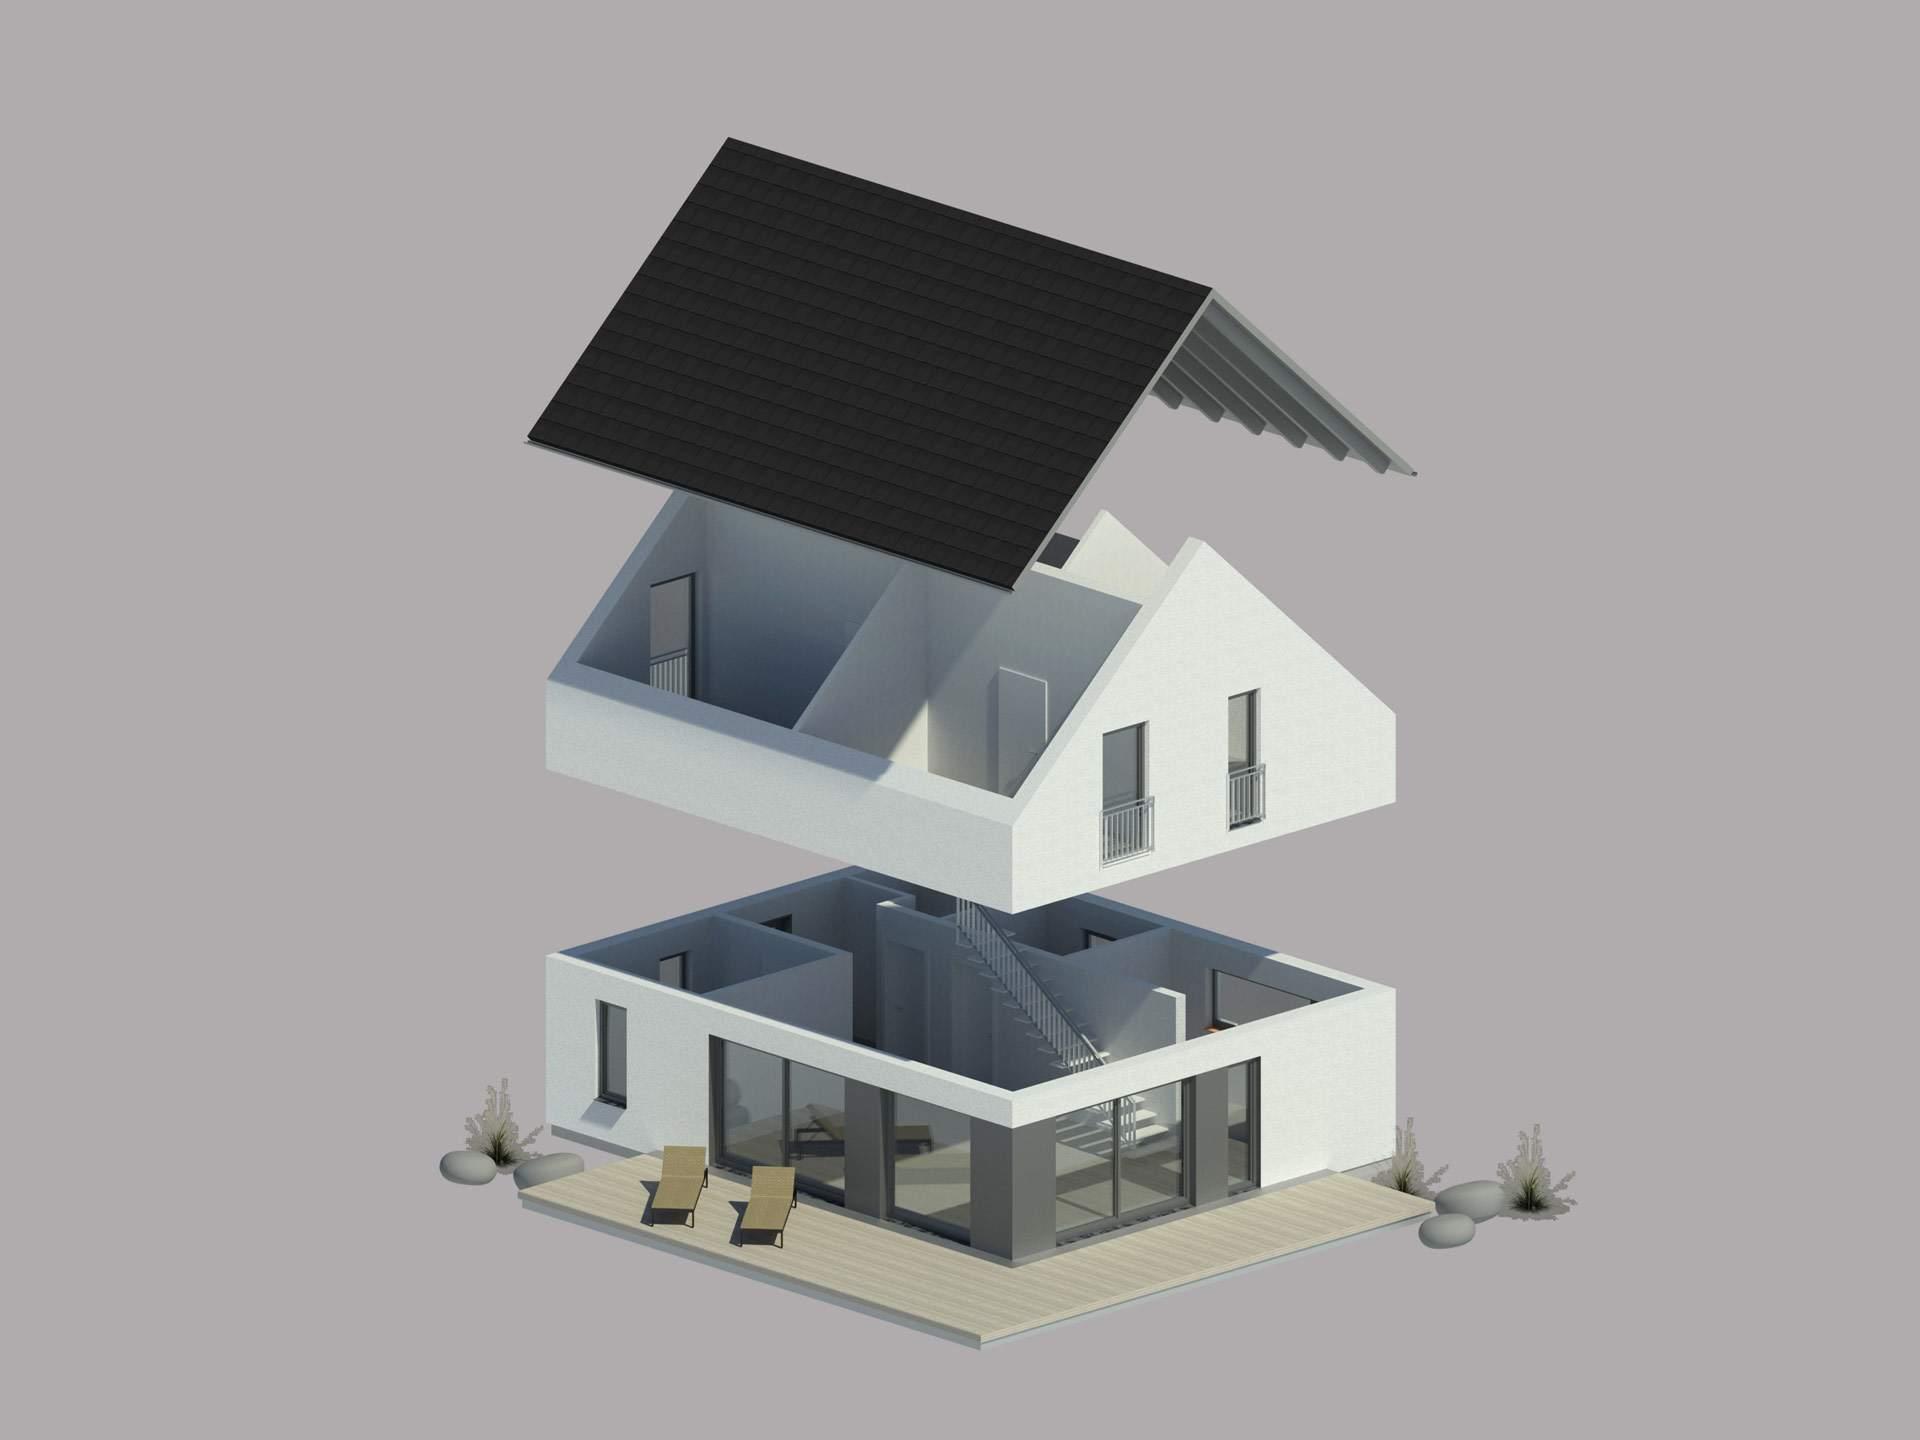 Bauen.wiewir entwickelt Hauskonfigurator